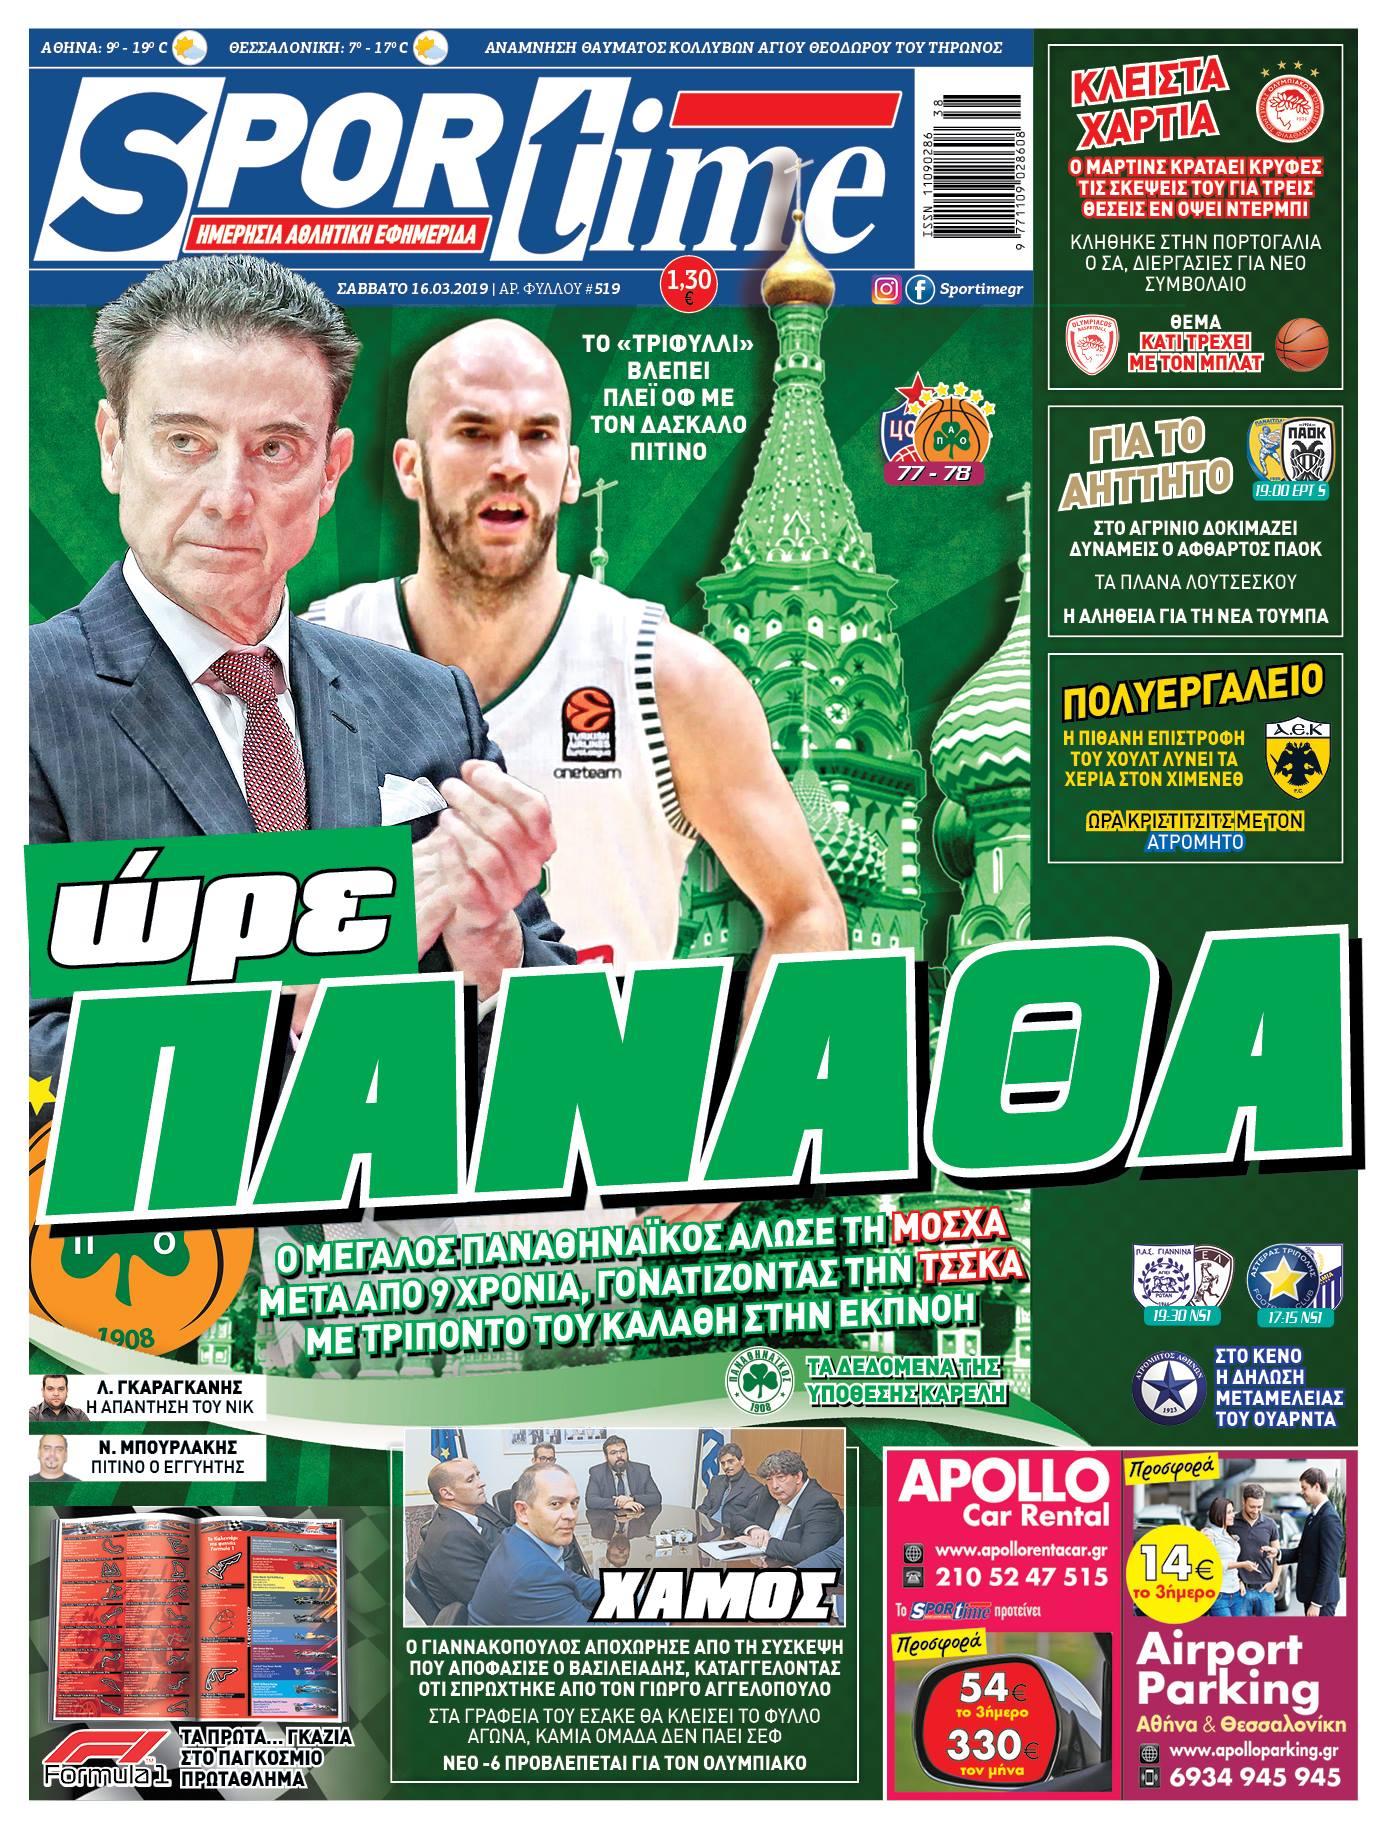 Εφημερίδα SPORTIME - Εξώφυλλο φύλλου 16/3/2019